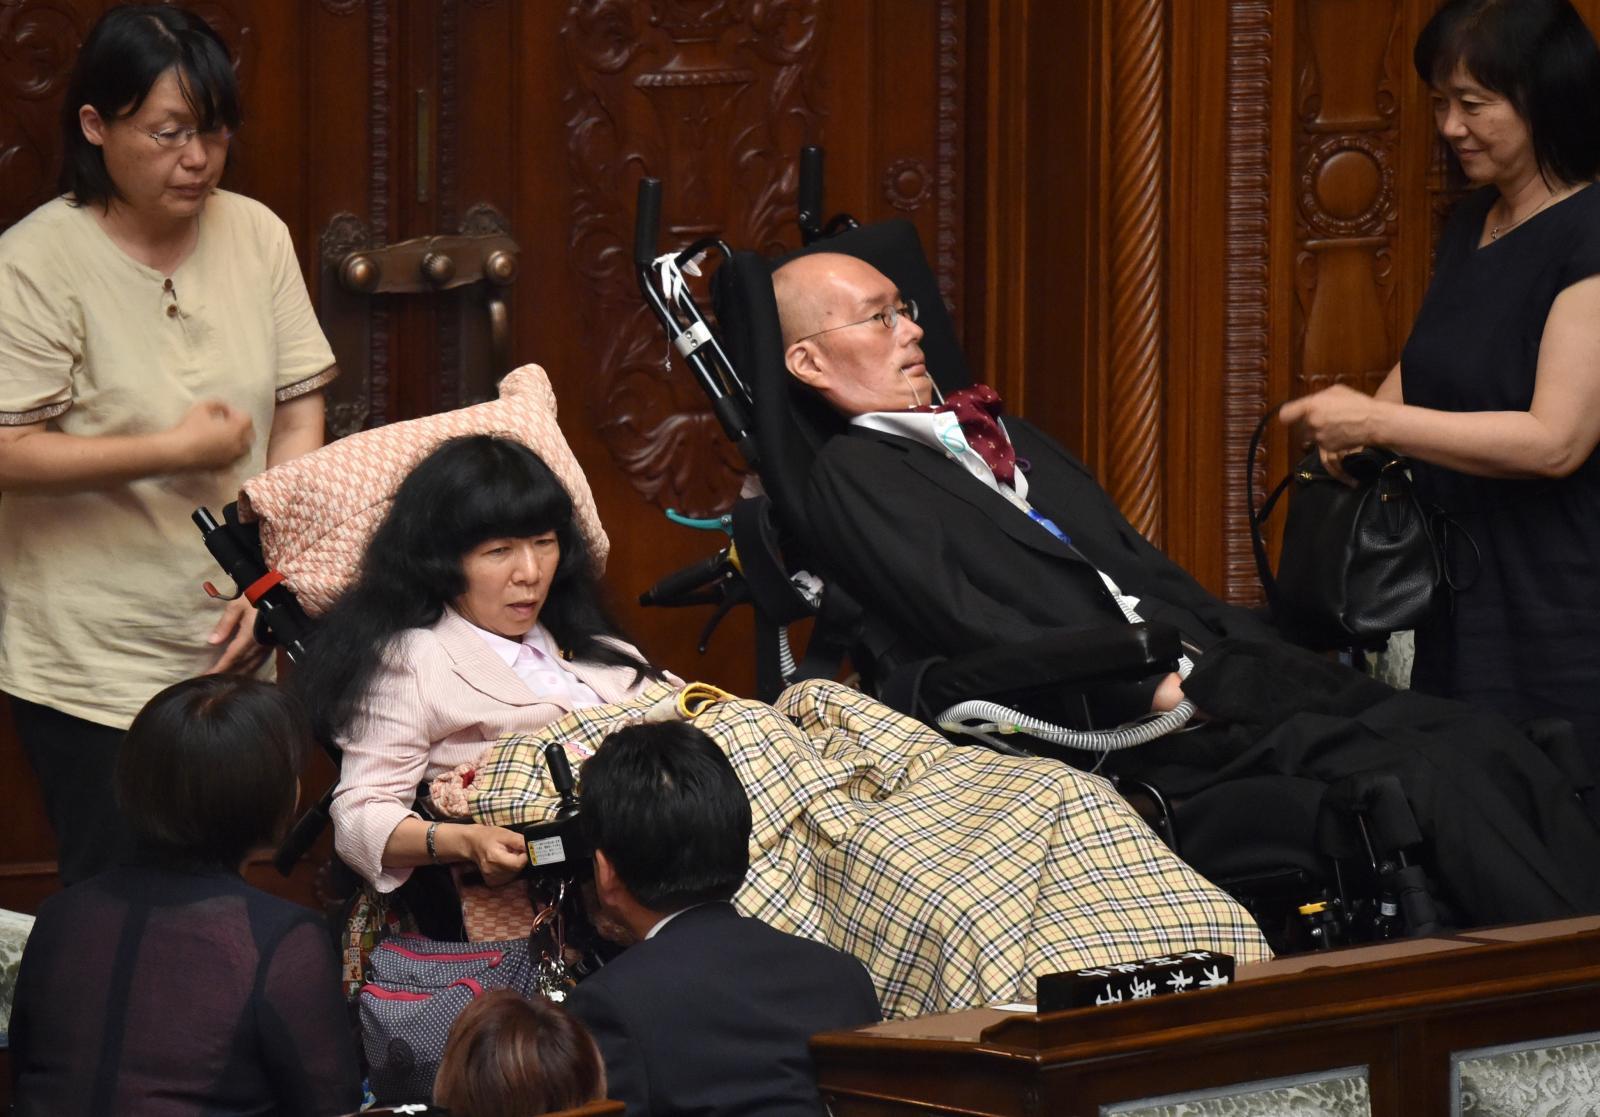 วุฒิสภาญี่ปุ่นต้อนรับสมาชิกใหม่เป็นผู้พิการอัมพาต